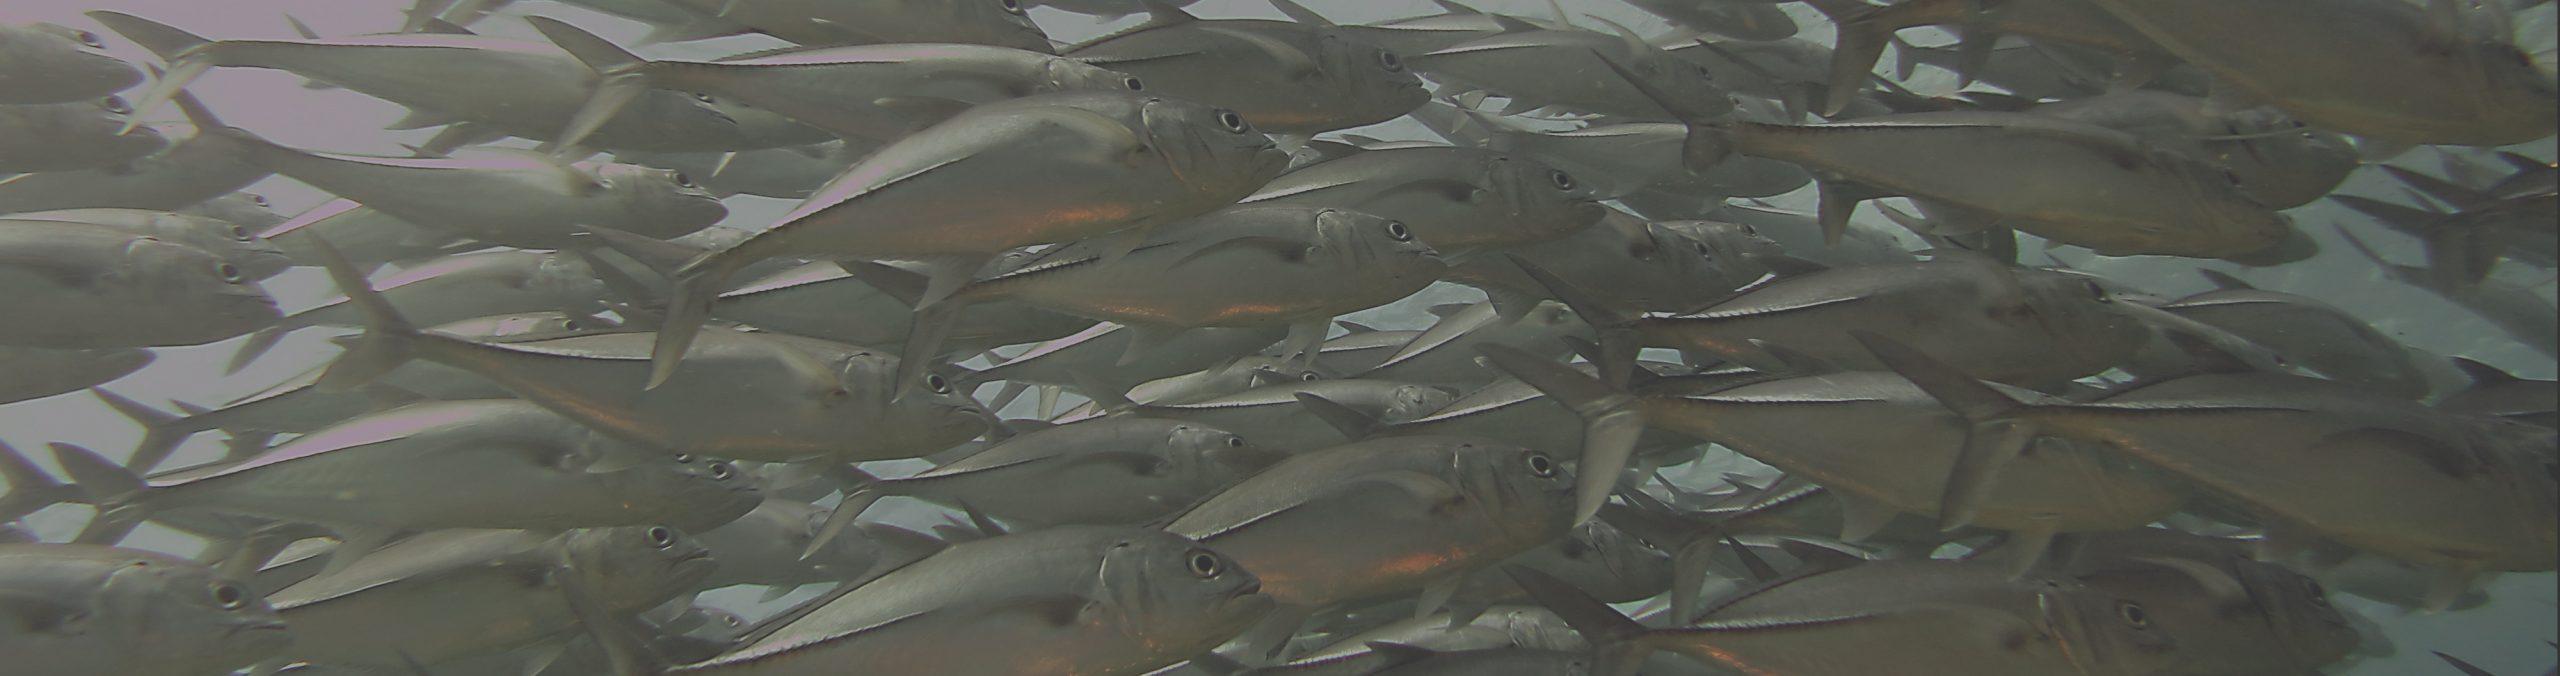 On aurait pu croire à un poisson d'avril, mais non c'est la triste réalité. Les alternatives aux lingettes jetables.